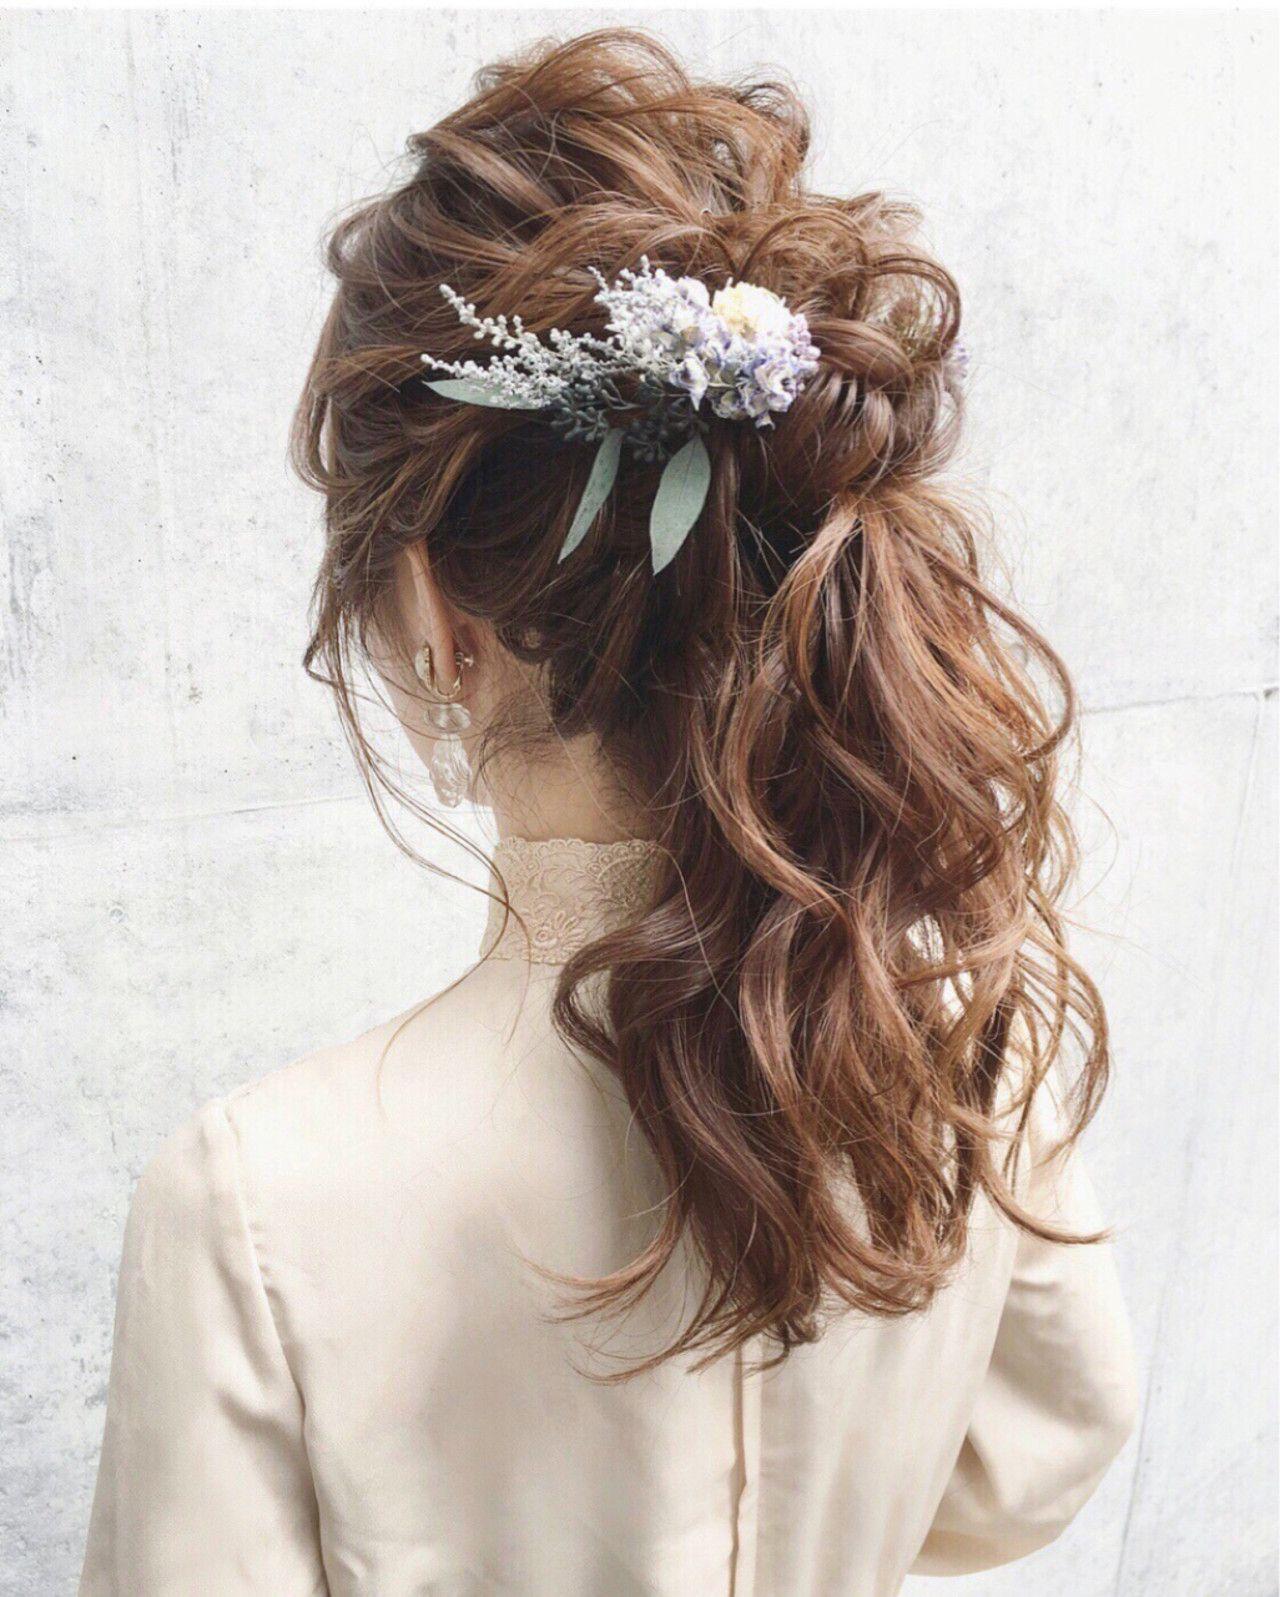 スーパーロングヘア15選♡前髪やアレンジで変化を楽しんでみて